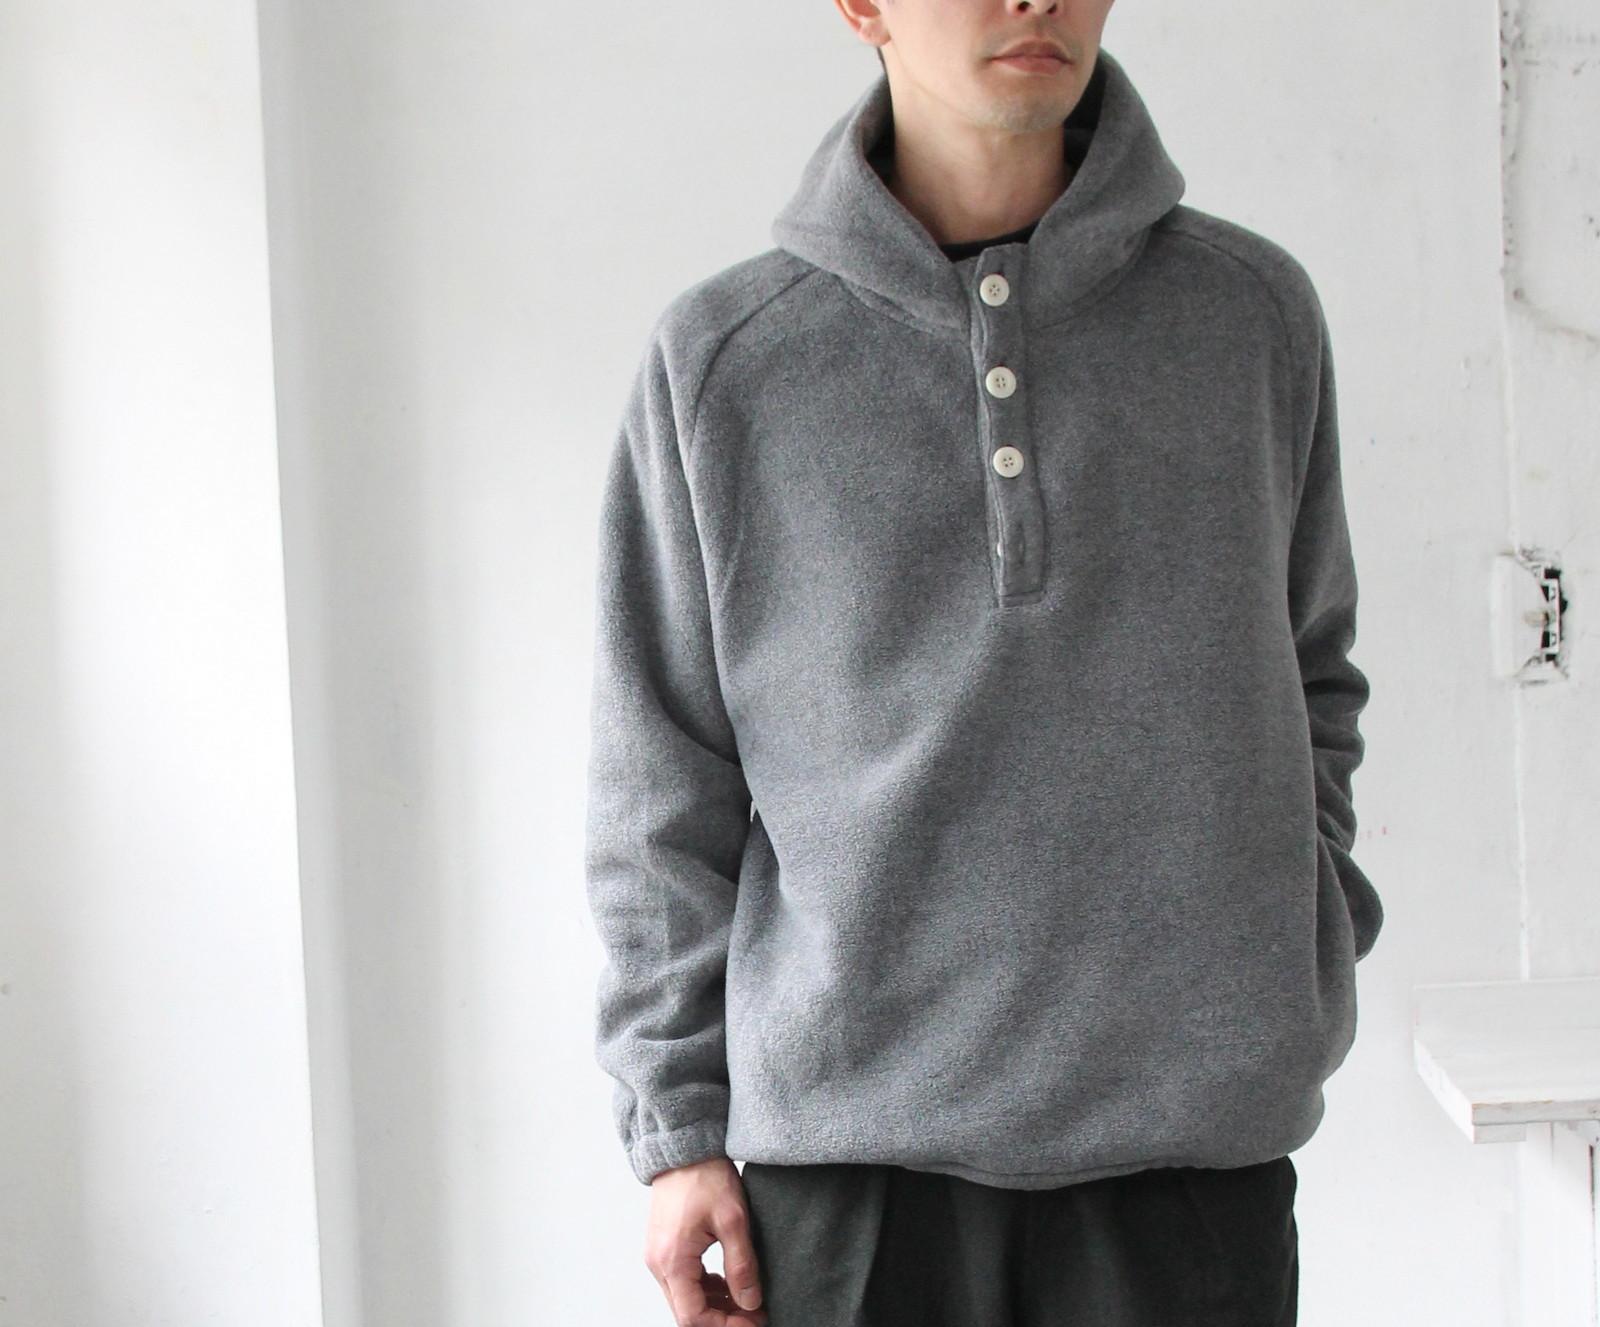 Boa Fleece Hooded Pull Over _c0379477_18300895.jpg